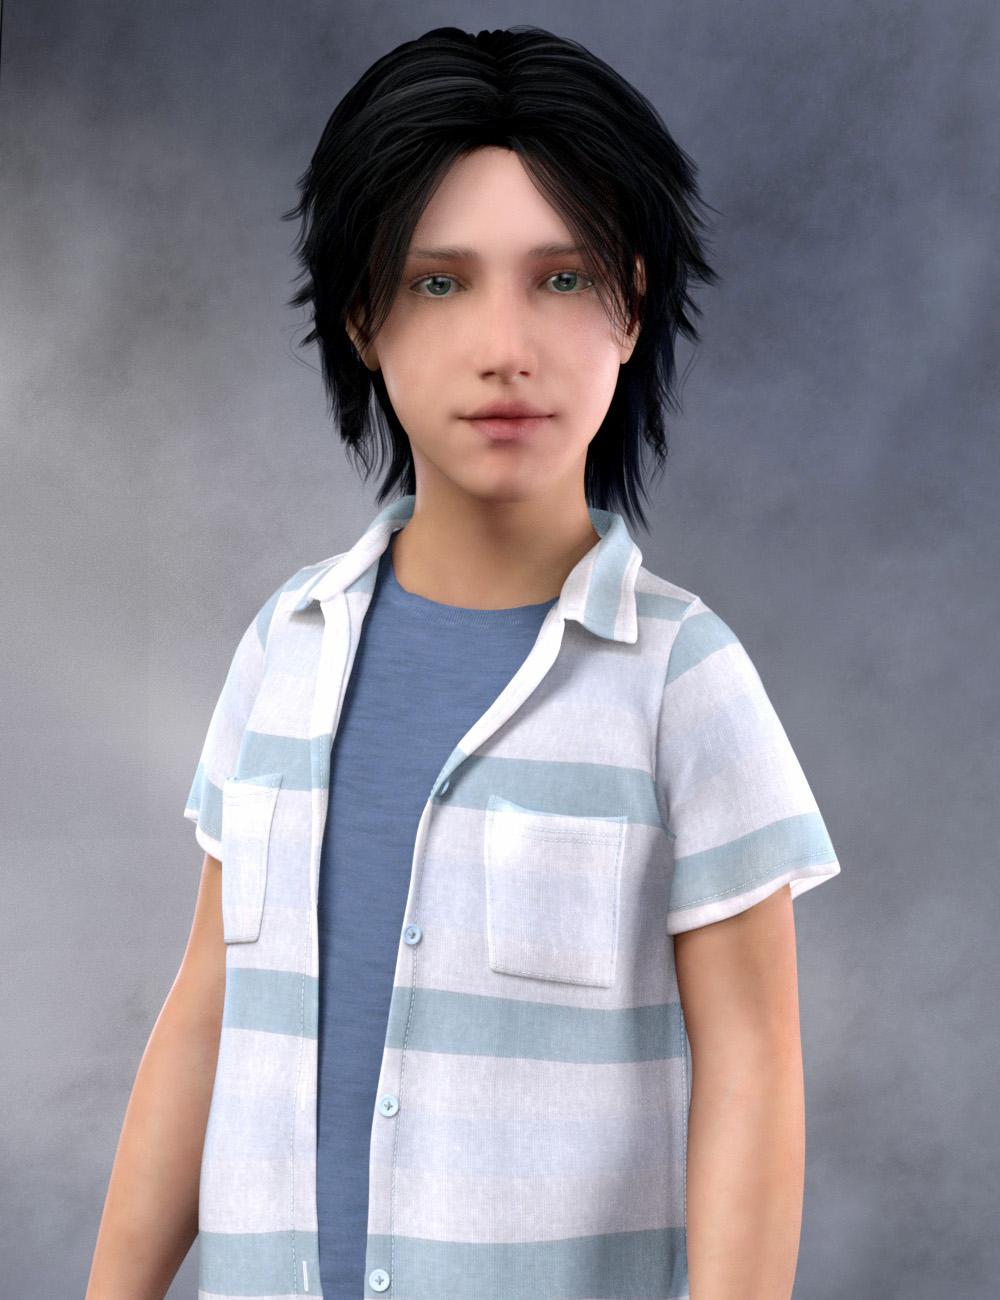 Jeremy for Genesis 8 Male by: SF-Design, 3D Models by Daz 3D